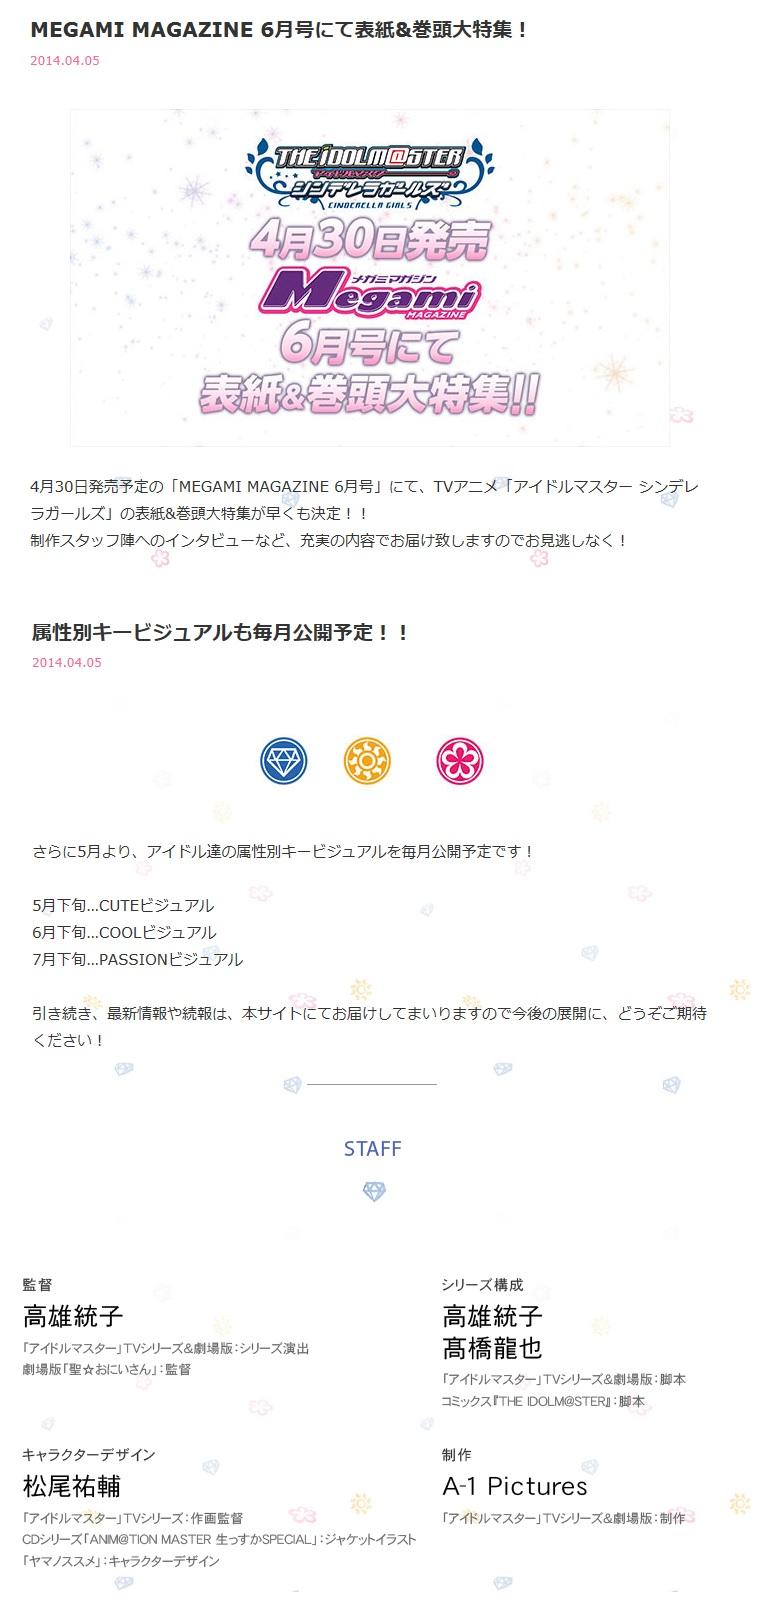 『アイドルマスター シンデレラガールズ』公式サイトオープン!PV公開